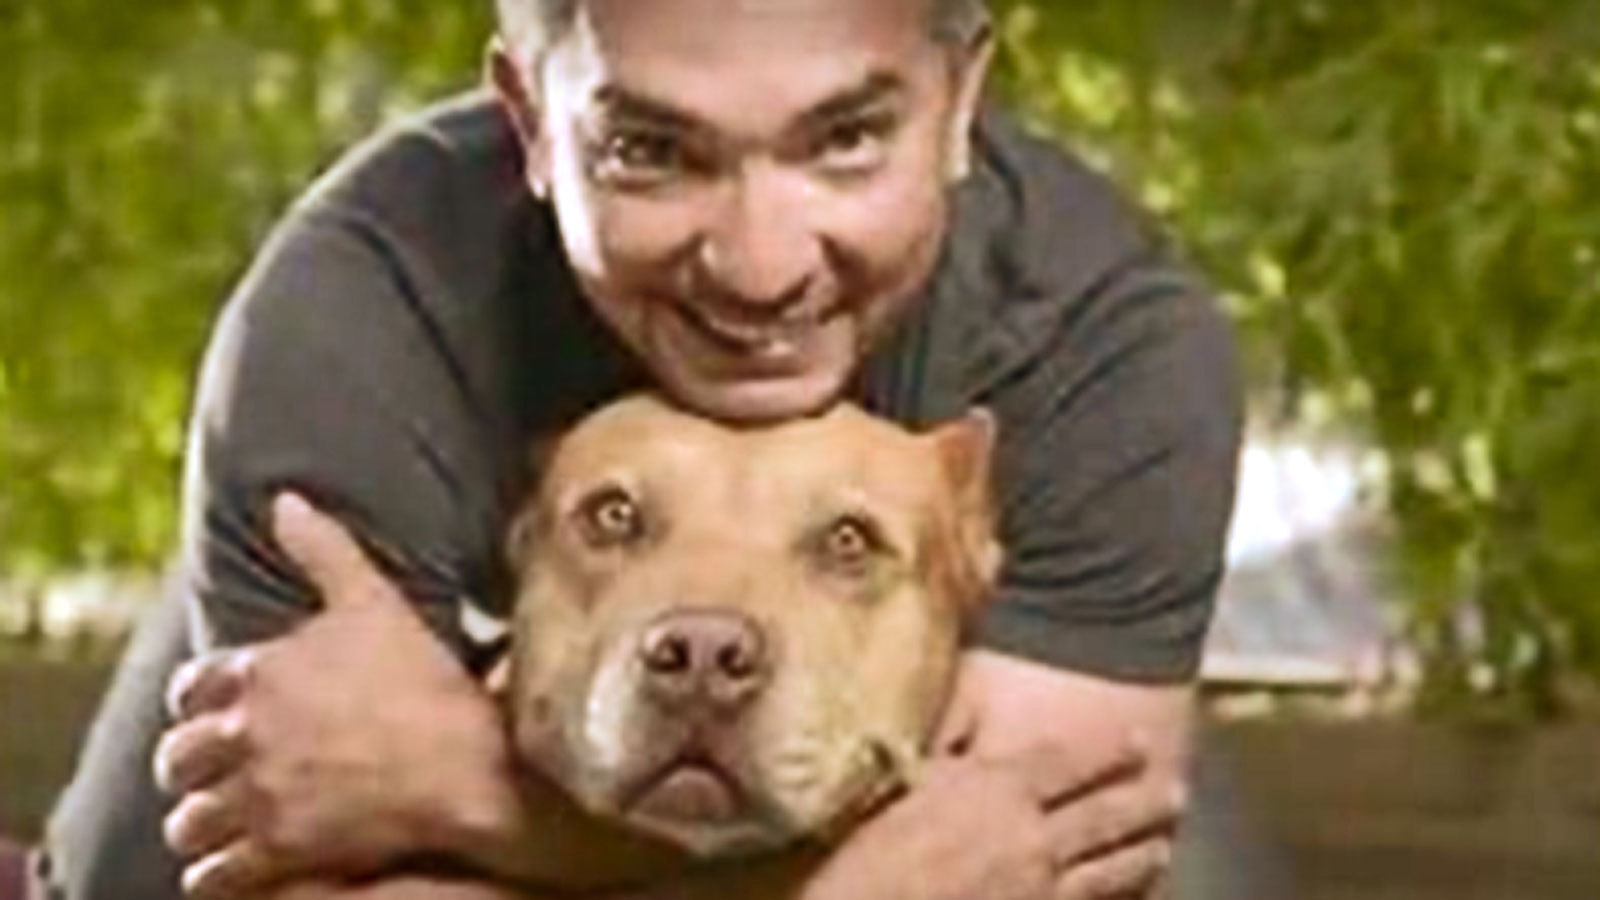 Dog Whisperer Cesar Millan Sued In Pit Bull Attack Chicago News NewsLocker